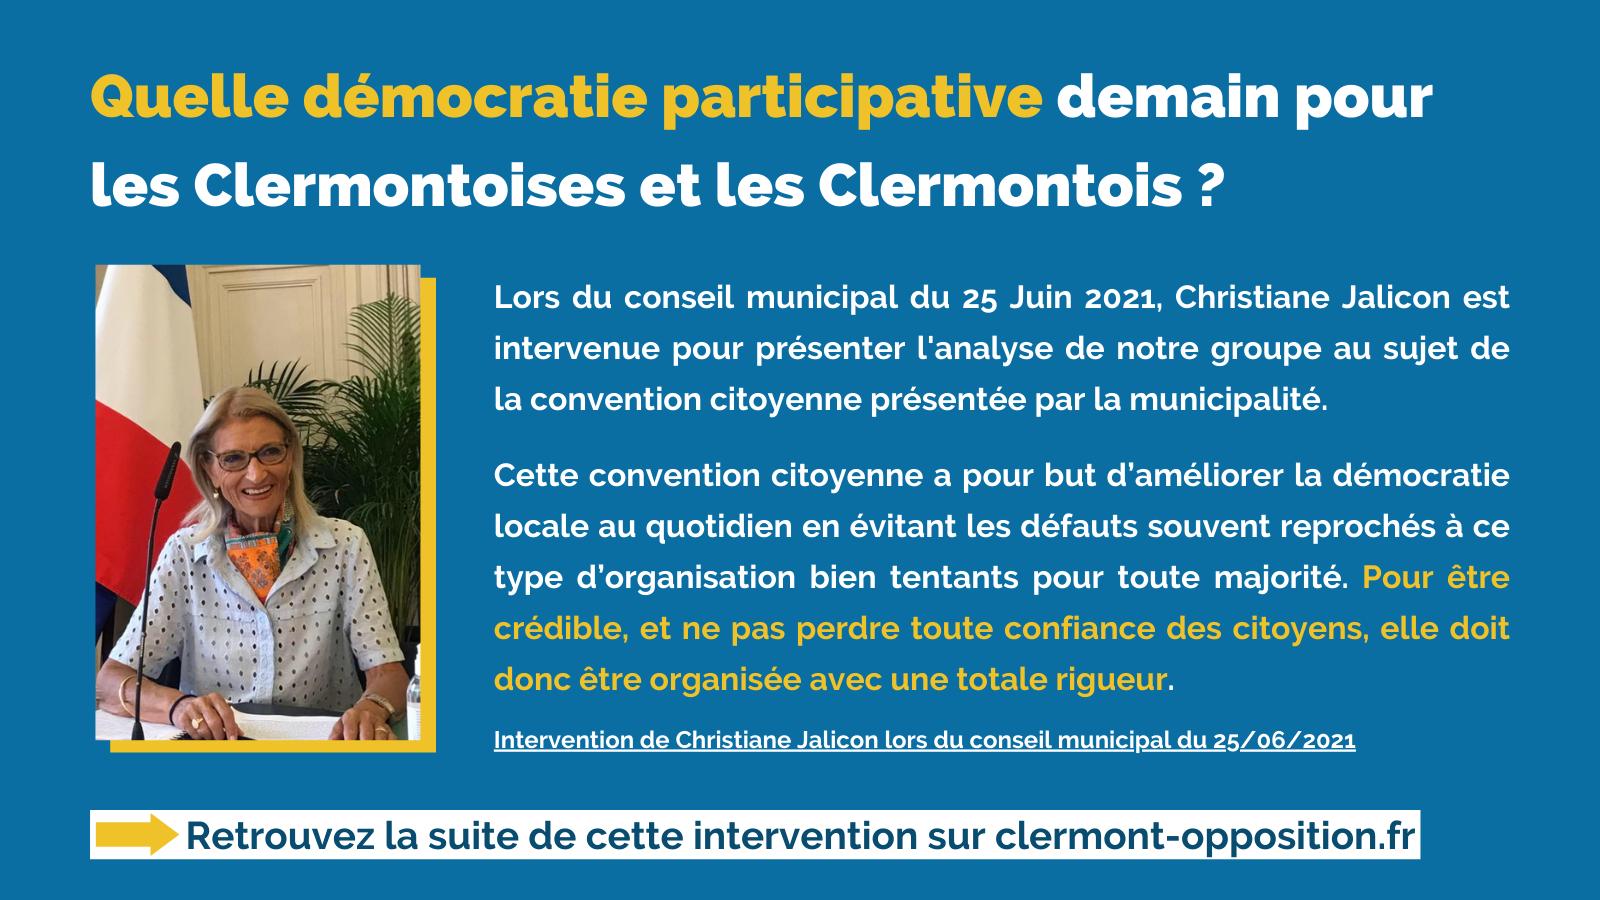 Clermont-Ferrand 2030 : Seulement 1% du volume d'investissement sera consacré à la tranquillité publique